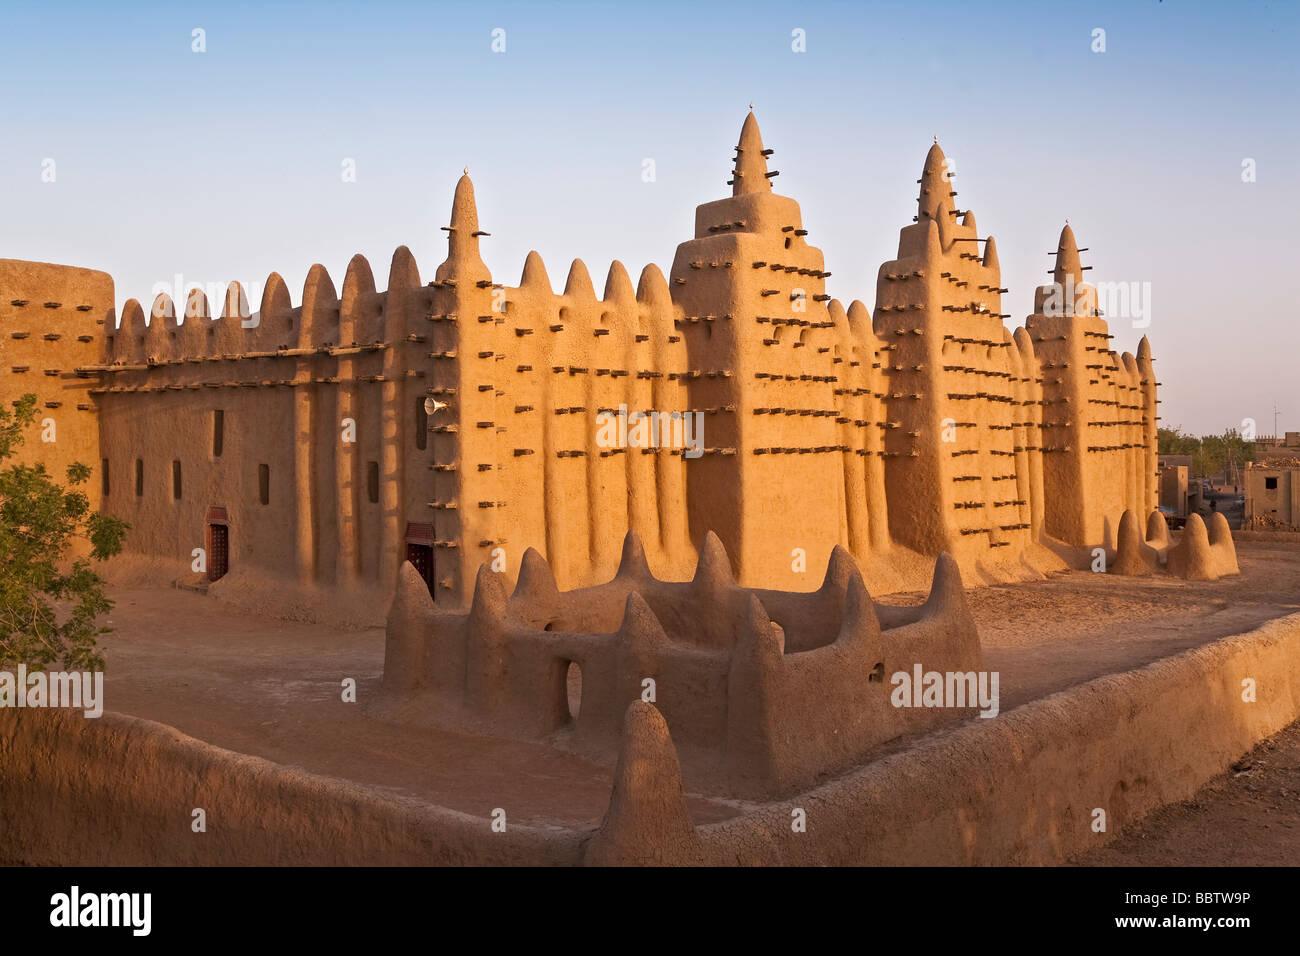 Große Moschee von Djenne, Djenné, Mopti Region, Niger im Landesinneren Delta, Mali, Westafrika Stockfoto